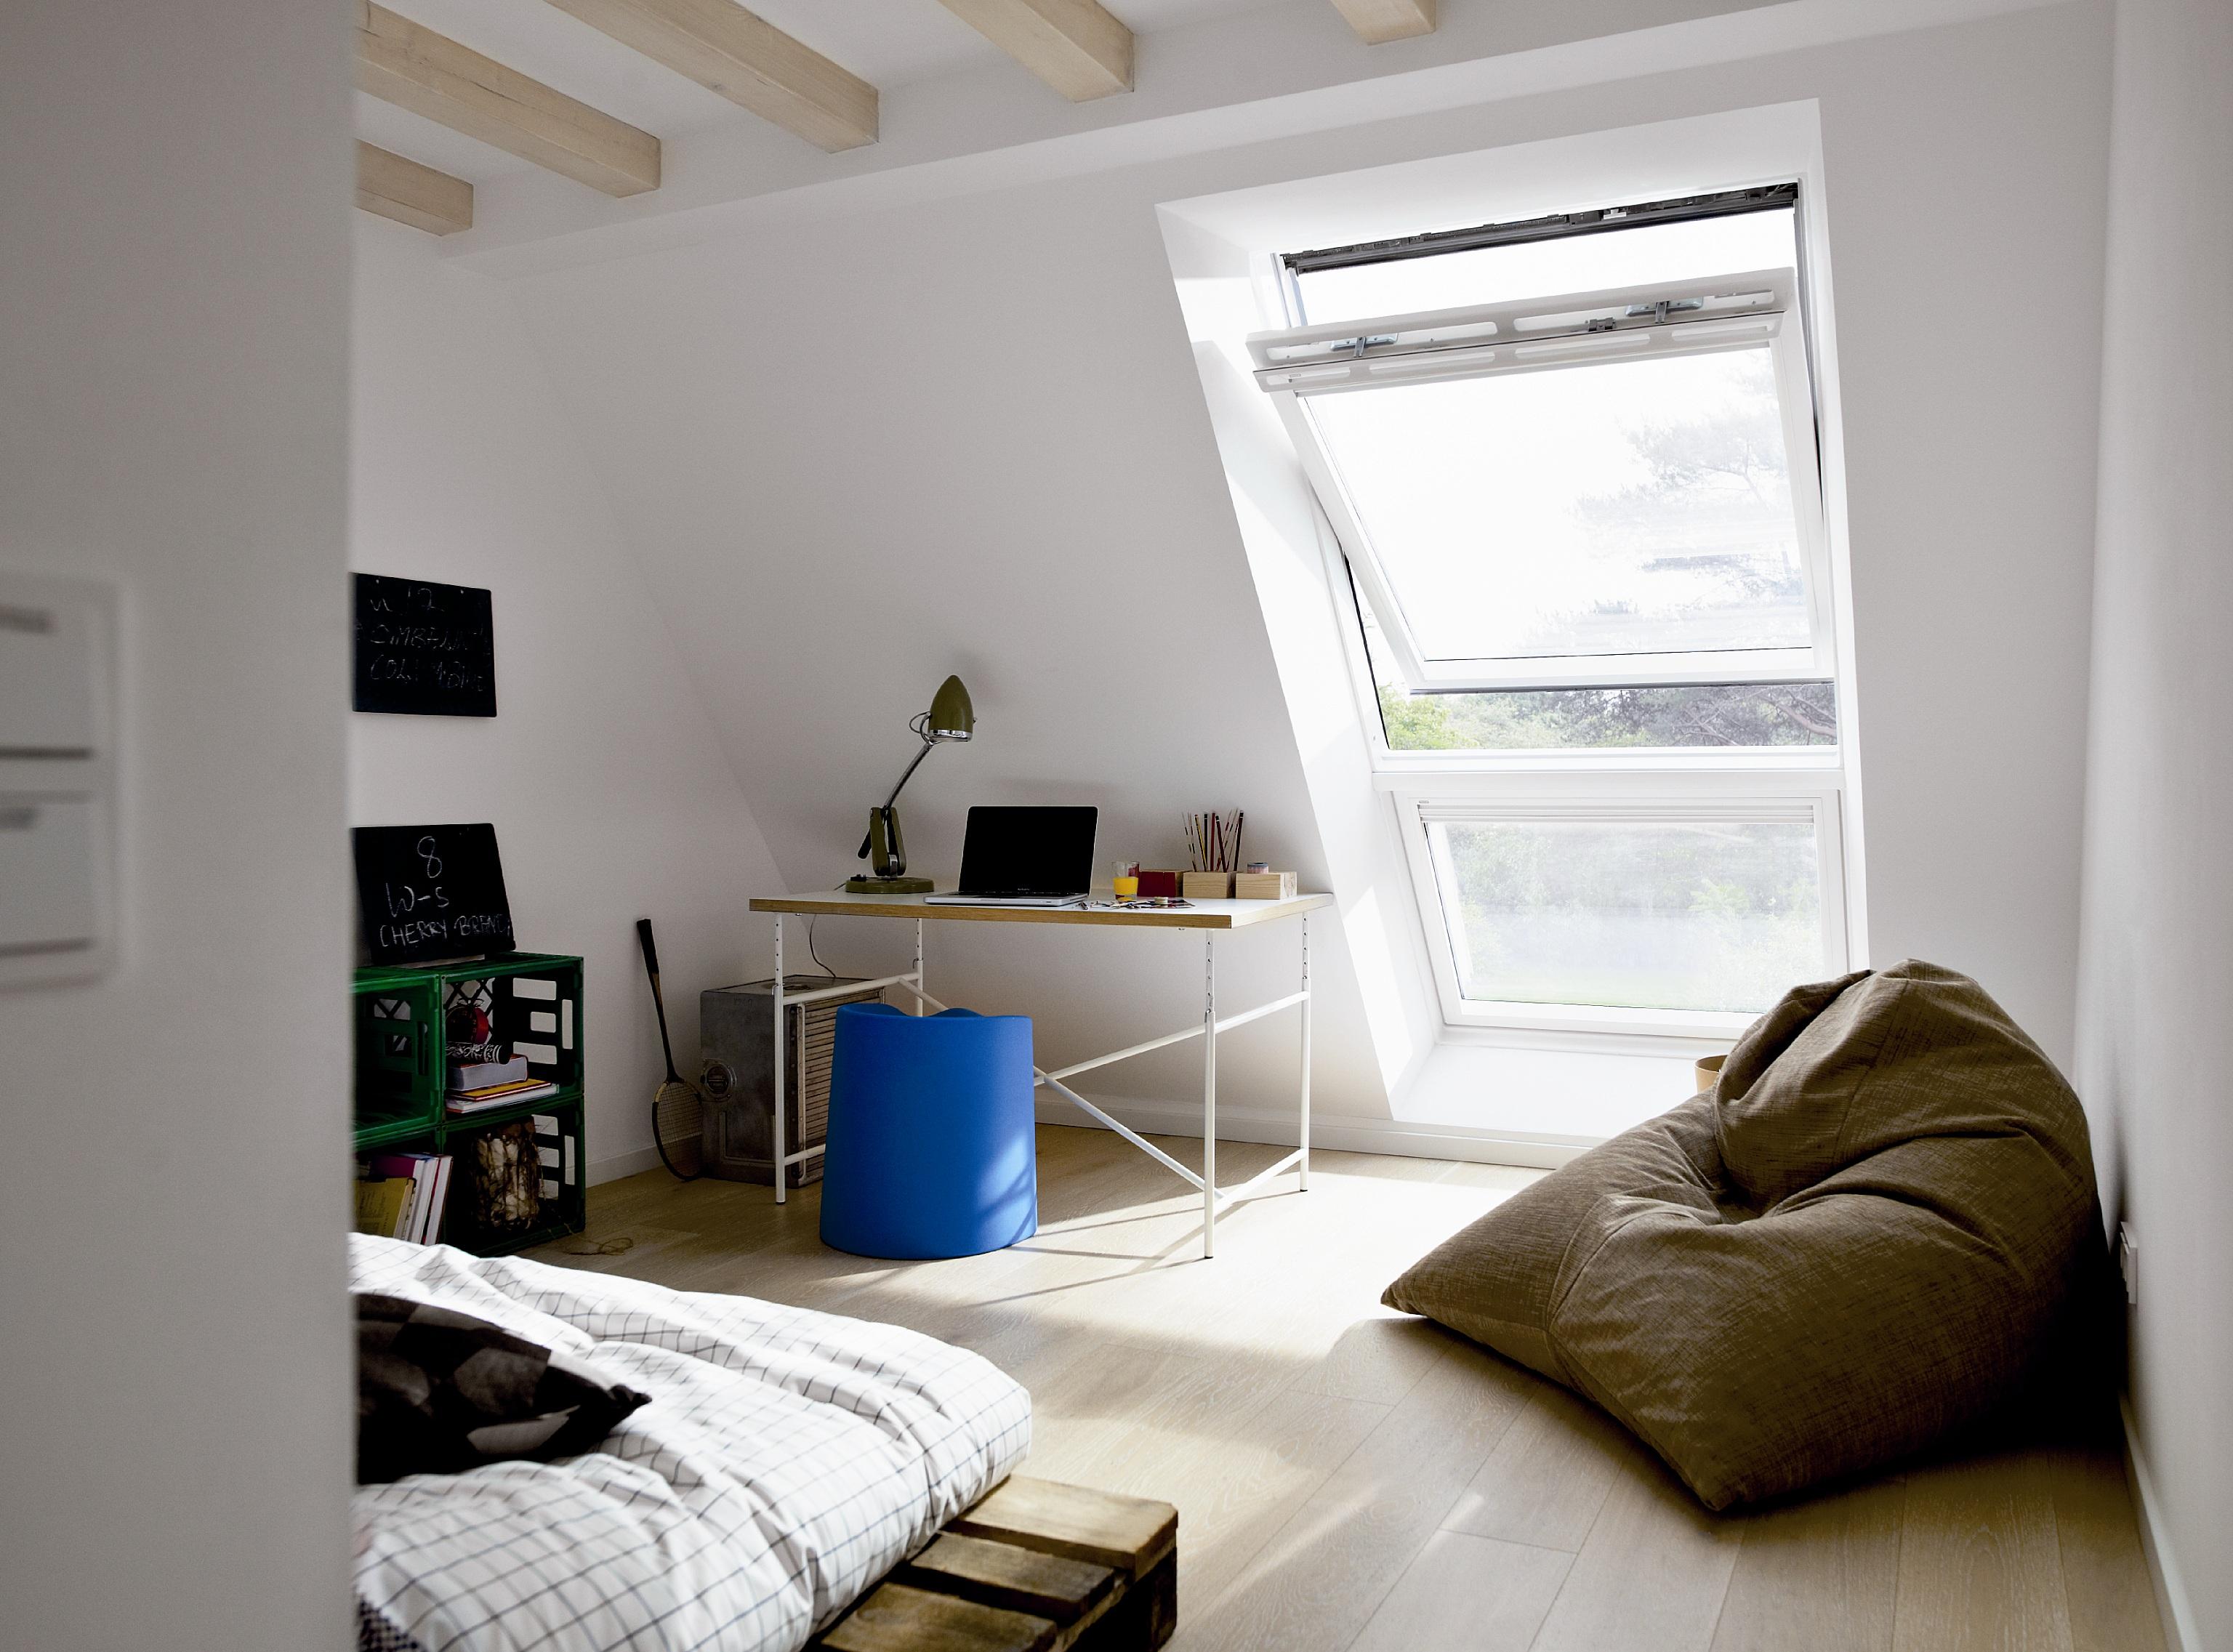 ventana-de-tejado-giratoria-pvc-velux